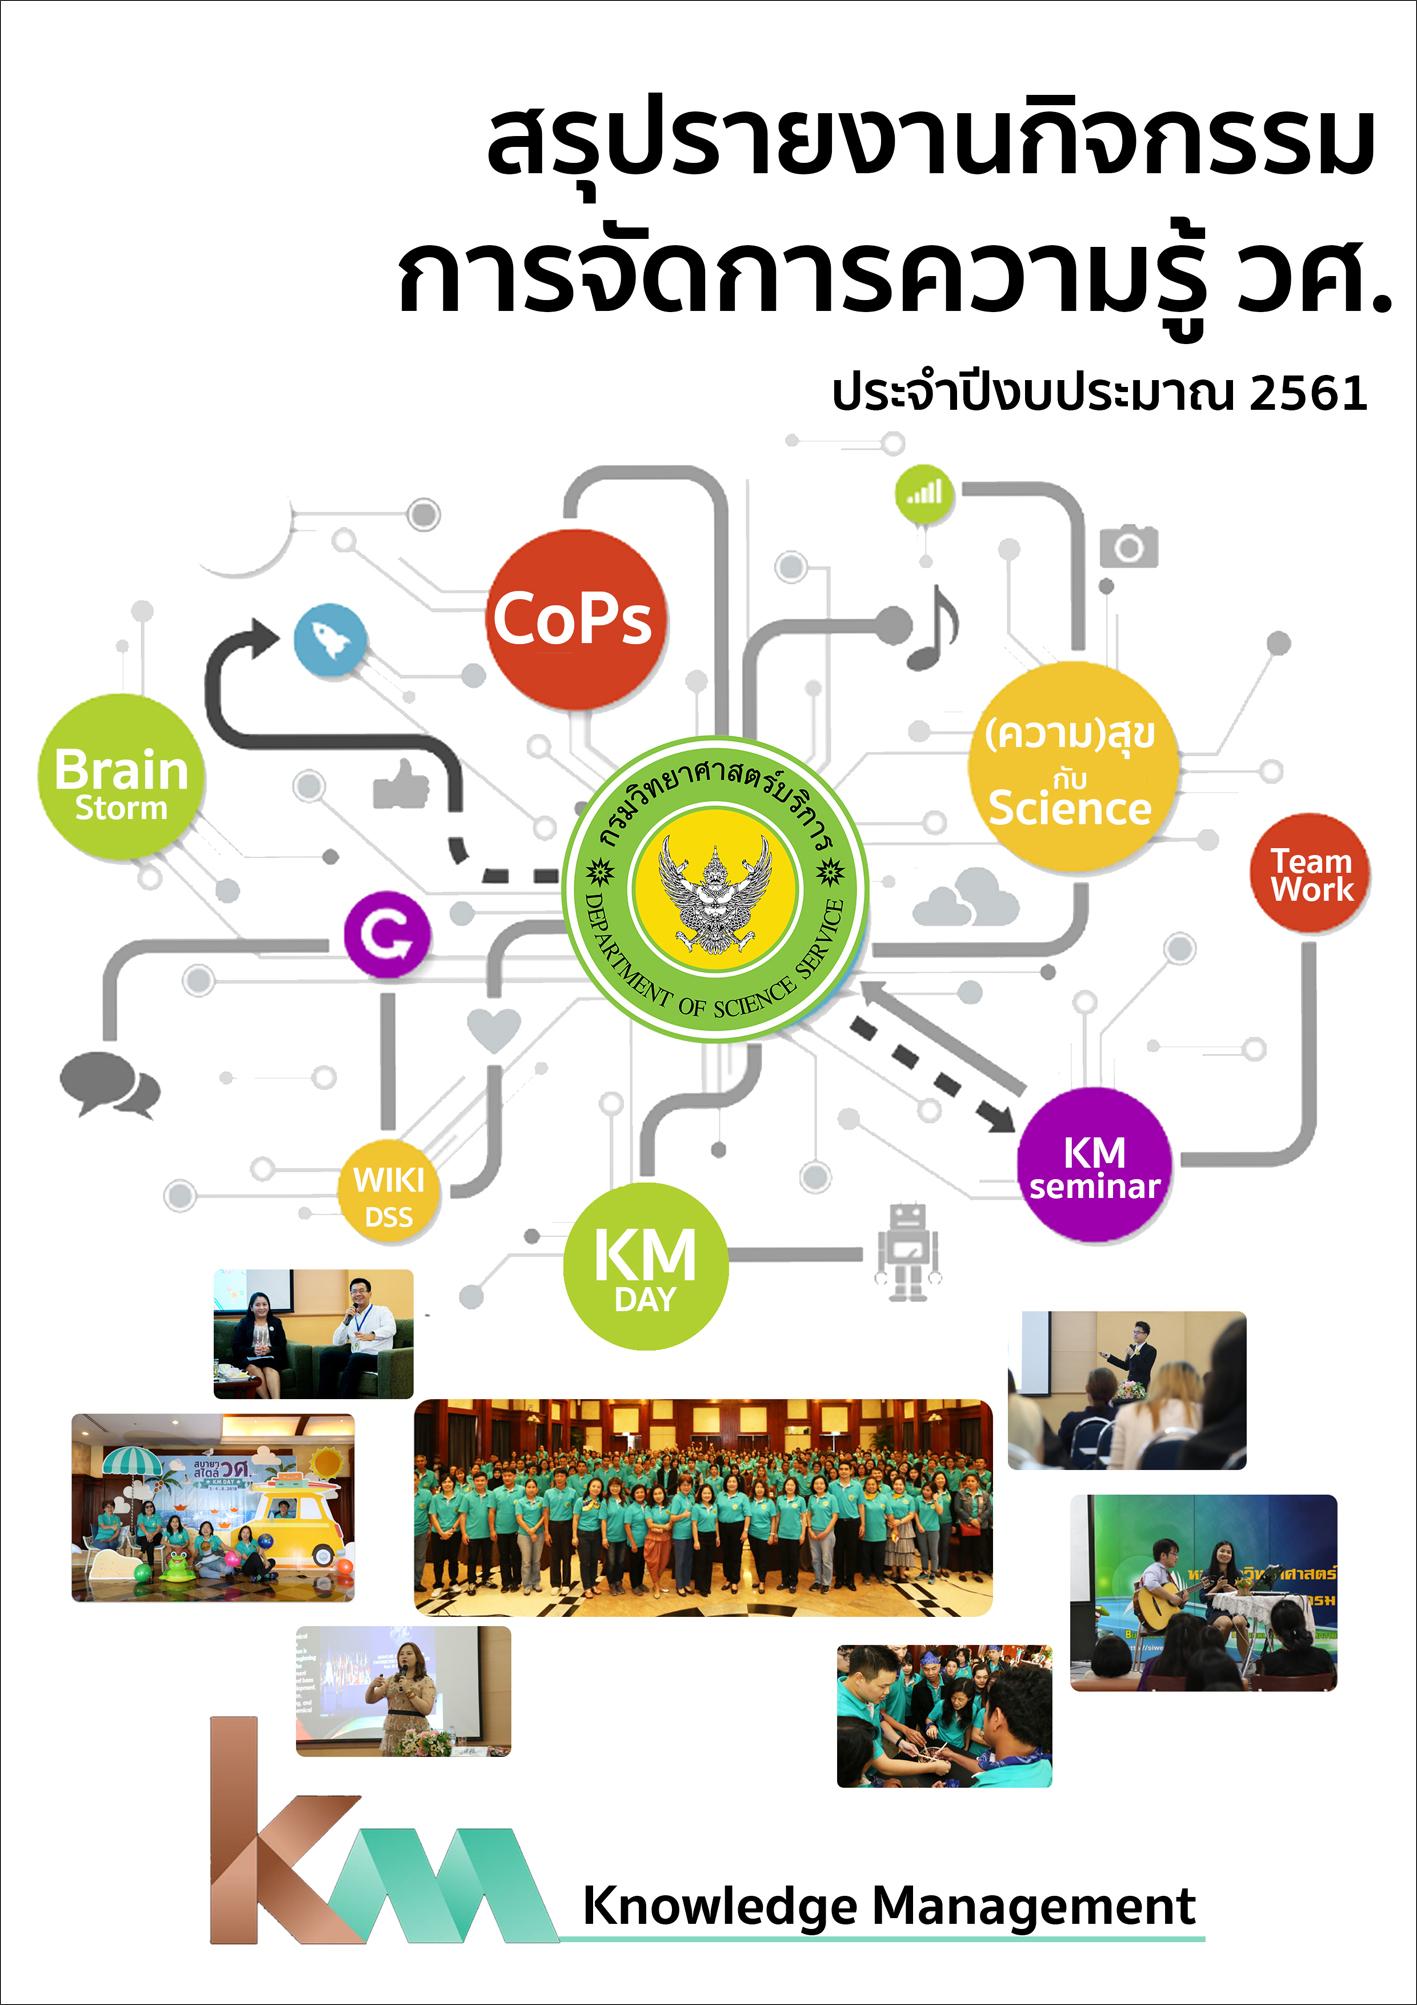 สรุปรายงานกิจกรรมการจัดการความรู้ วศ. ประจำปี 2561